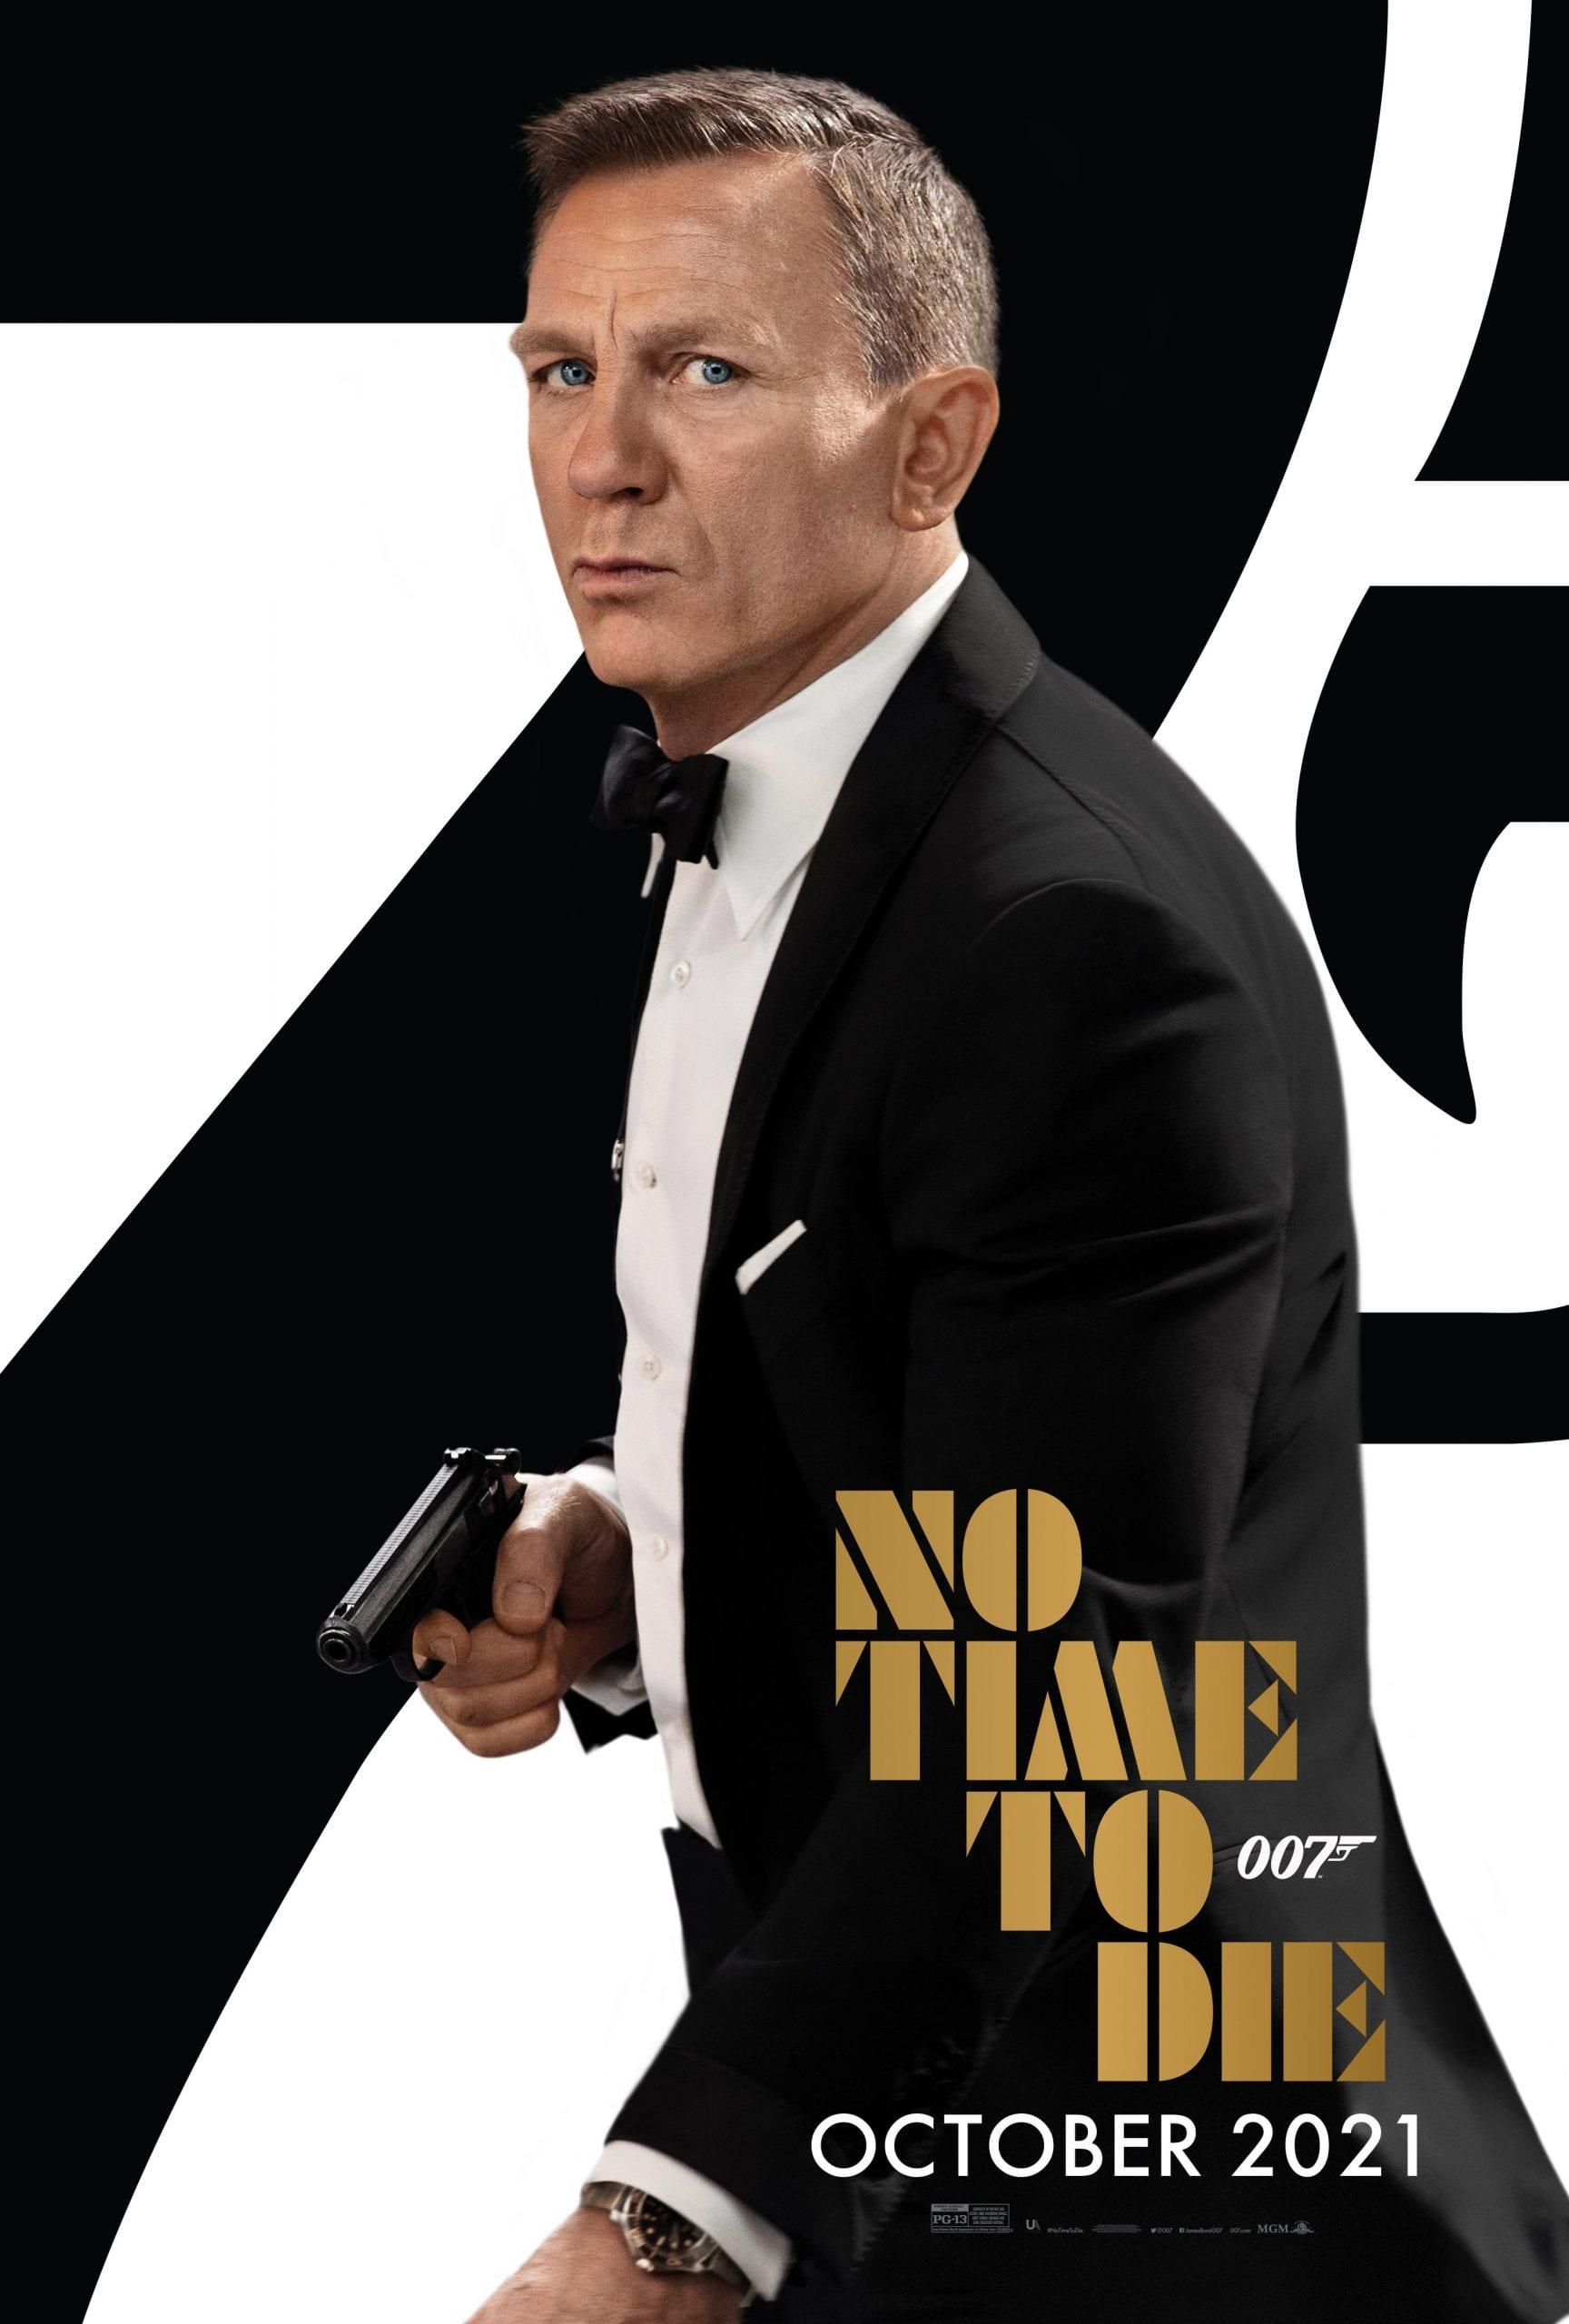 No TIme To Die nuovo poster conferma data di uscita ottobre